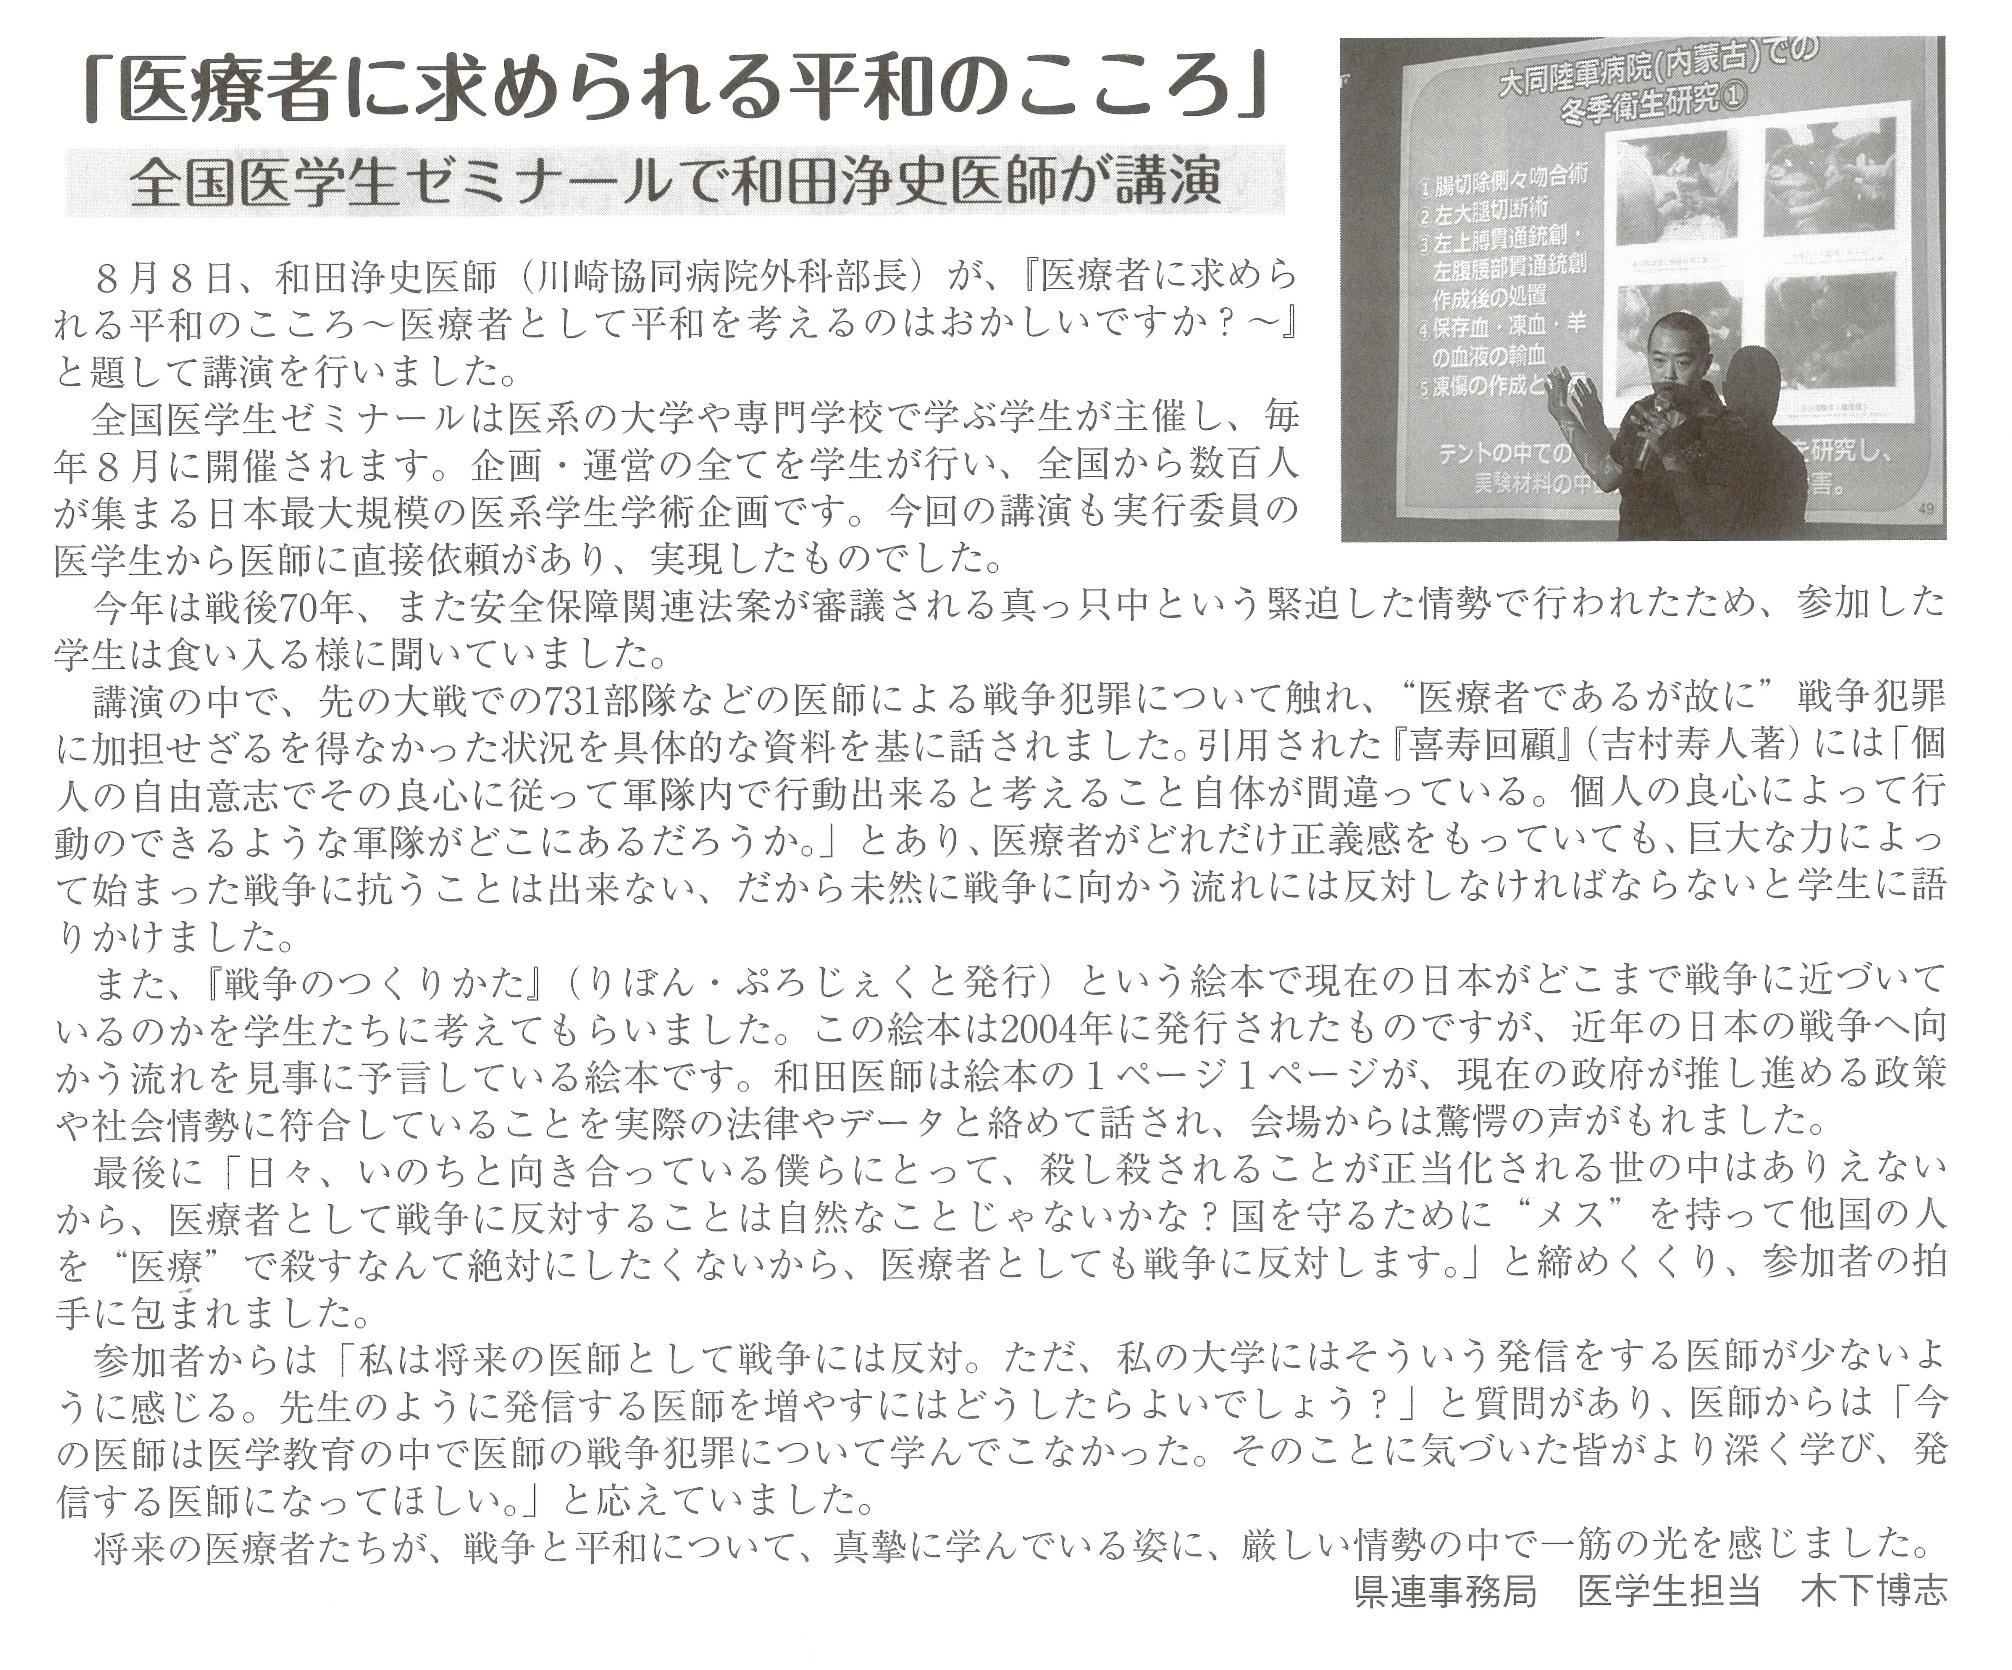 全国医学生ゼミナールで和田浄史医師が講演